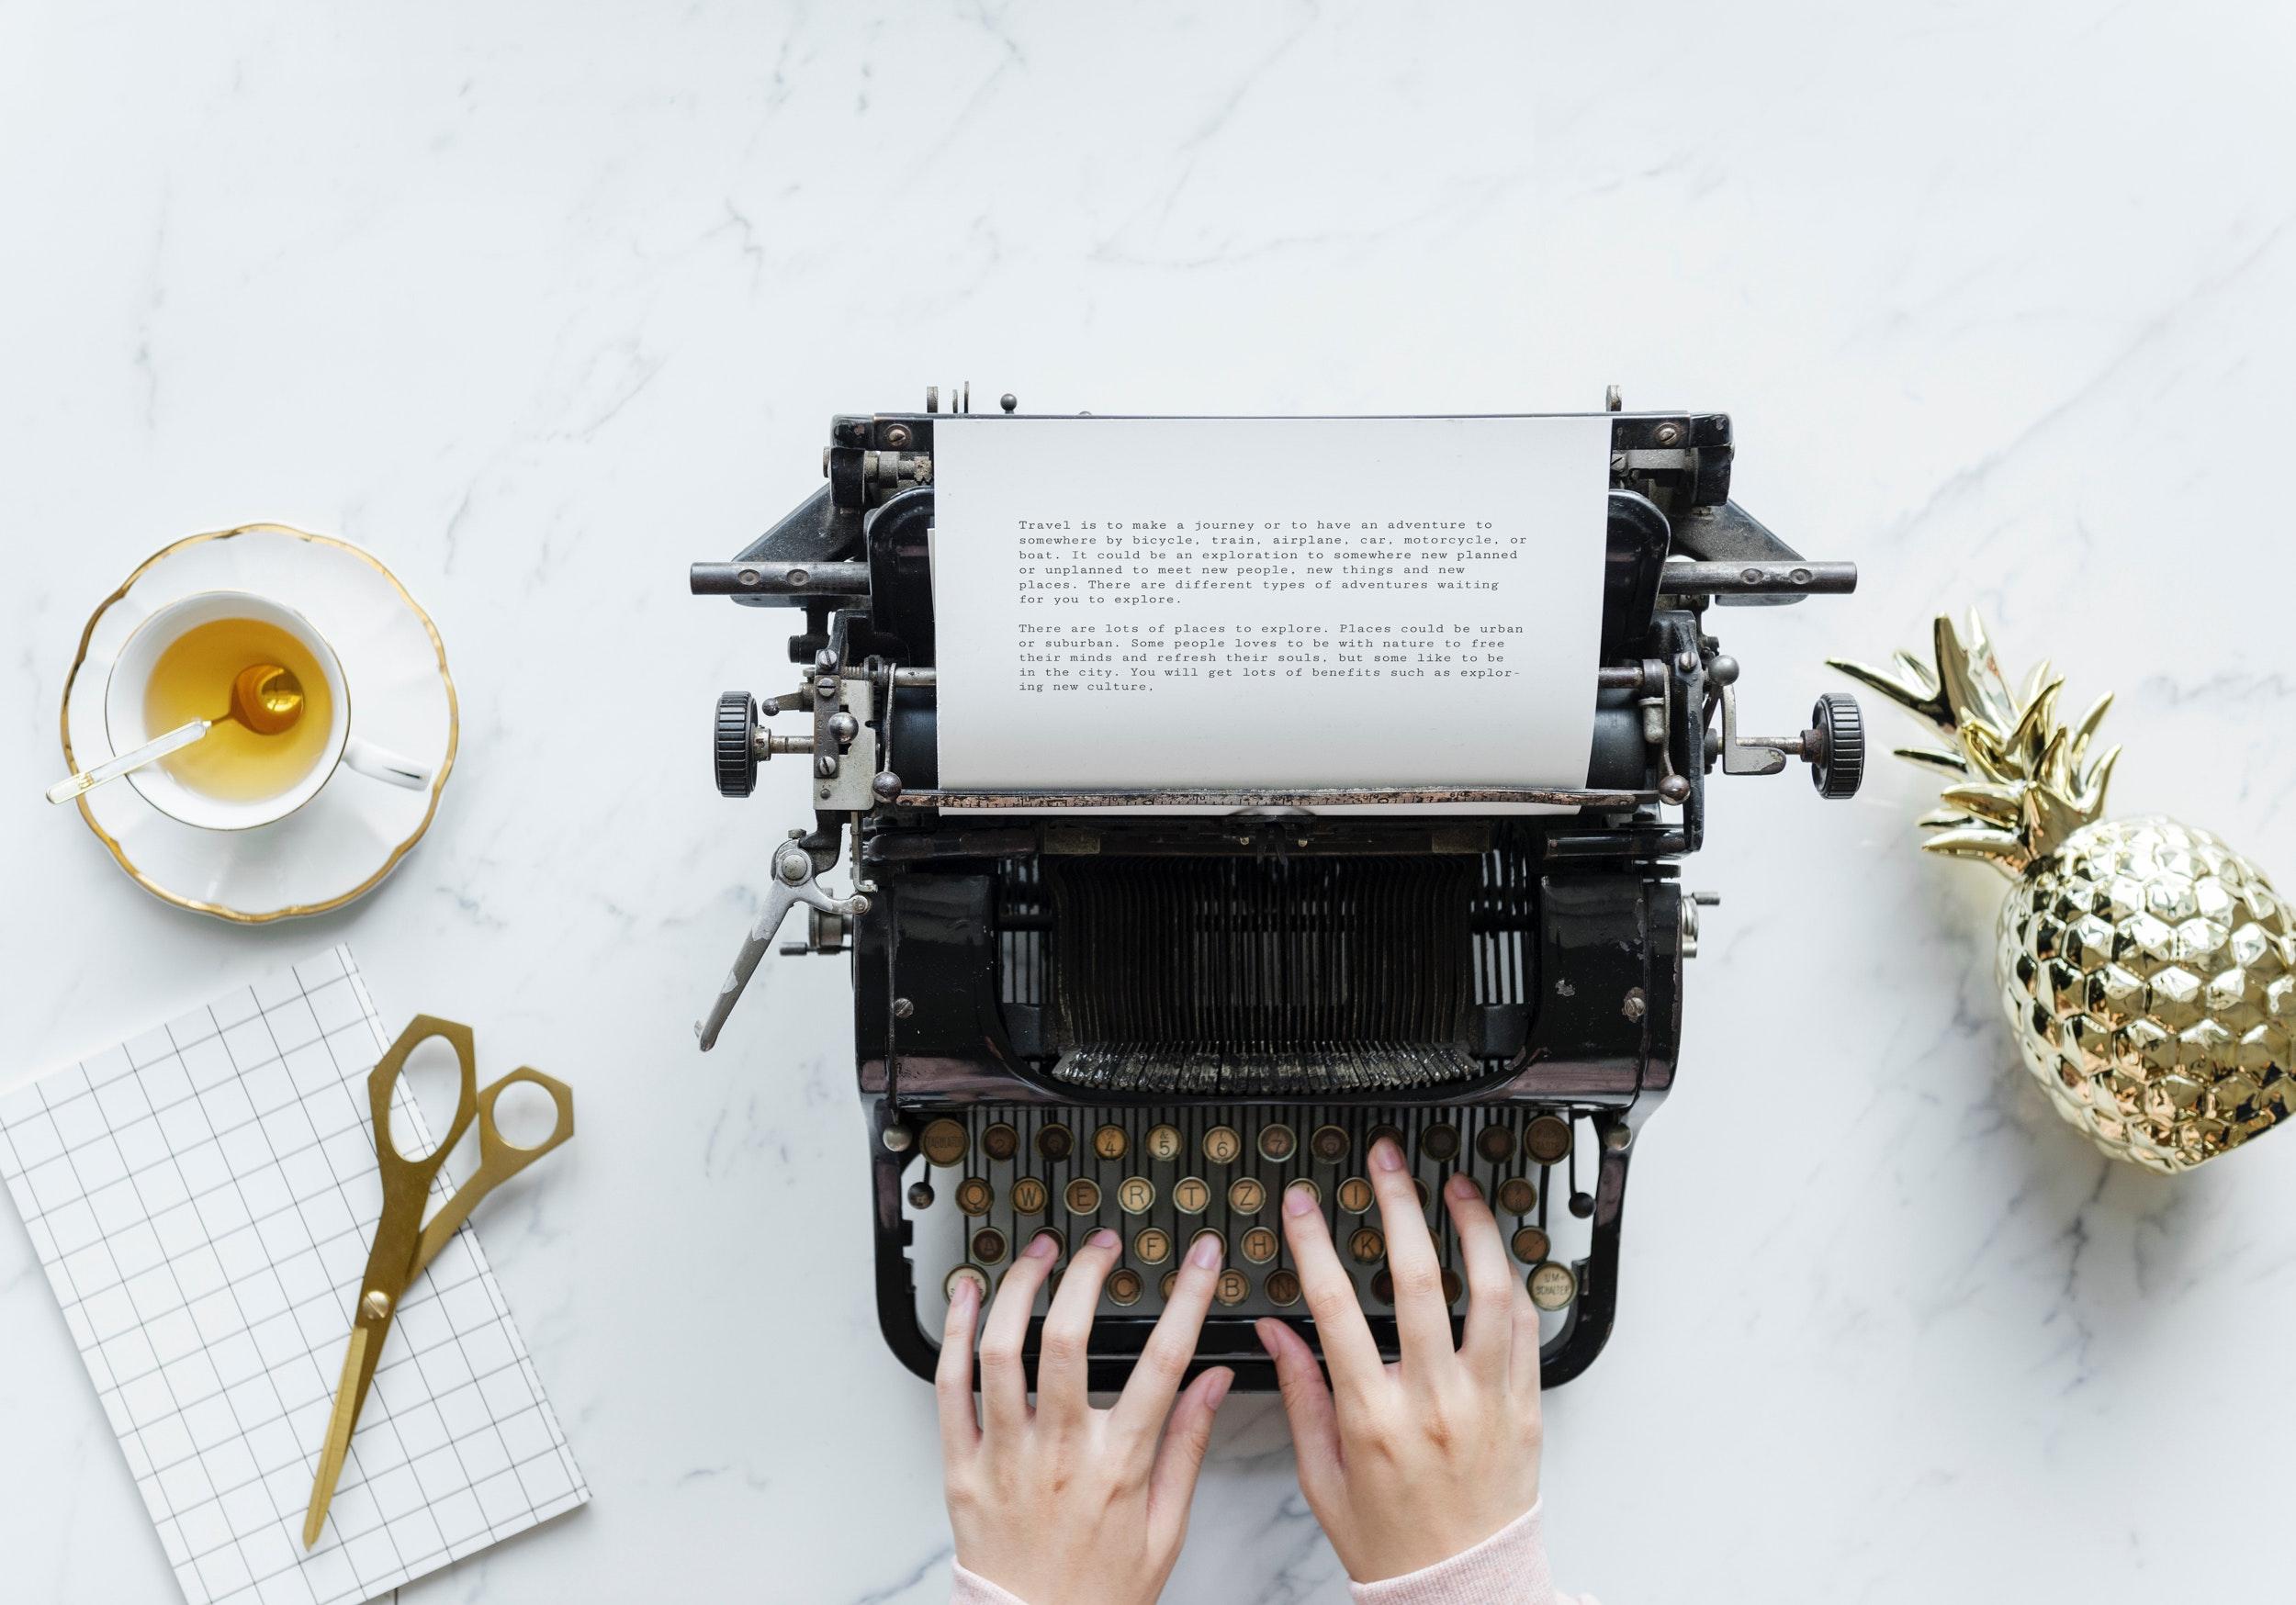 Imagem de mãos teclando na Máquina de Escrever e um chá ao lado